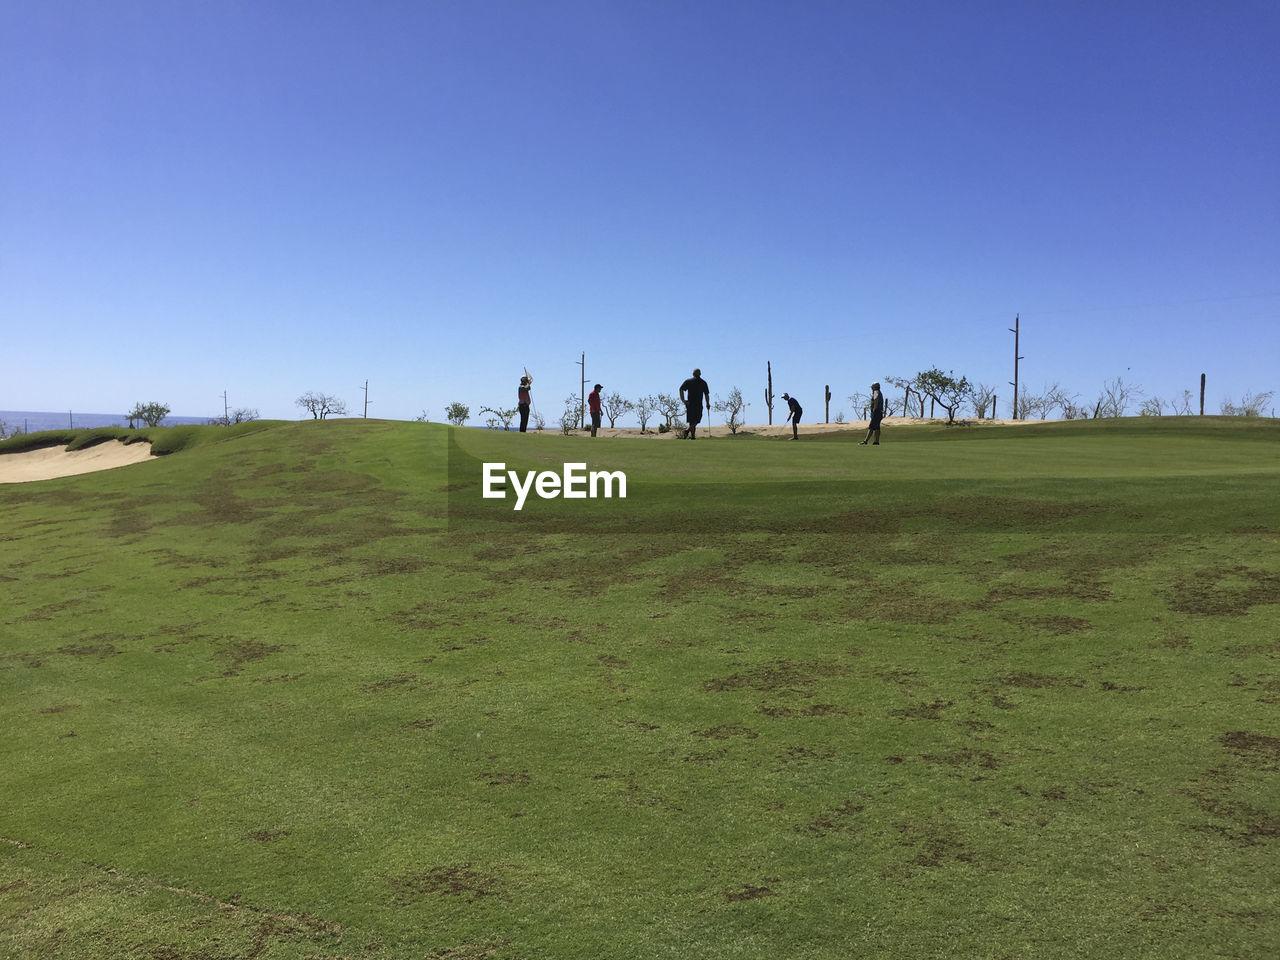 PEOPLE WALKING ON GRASSY LANDSCAPE